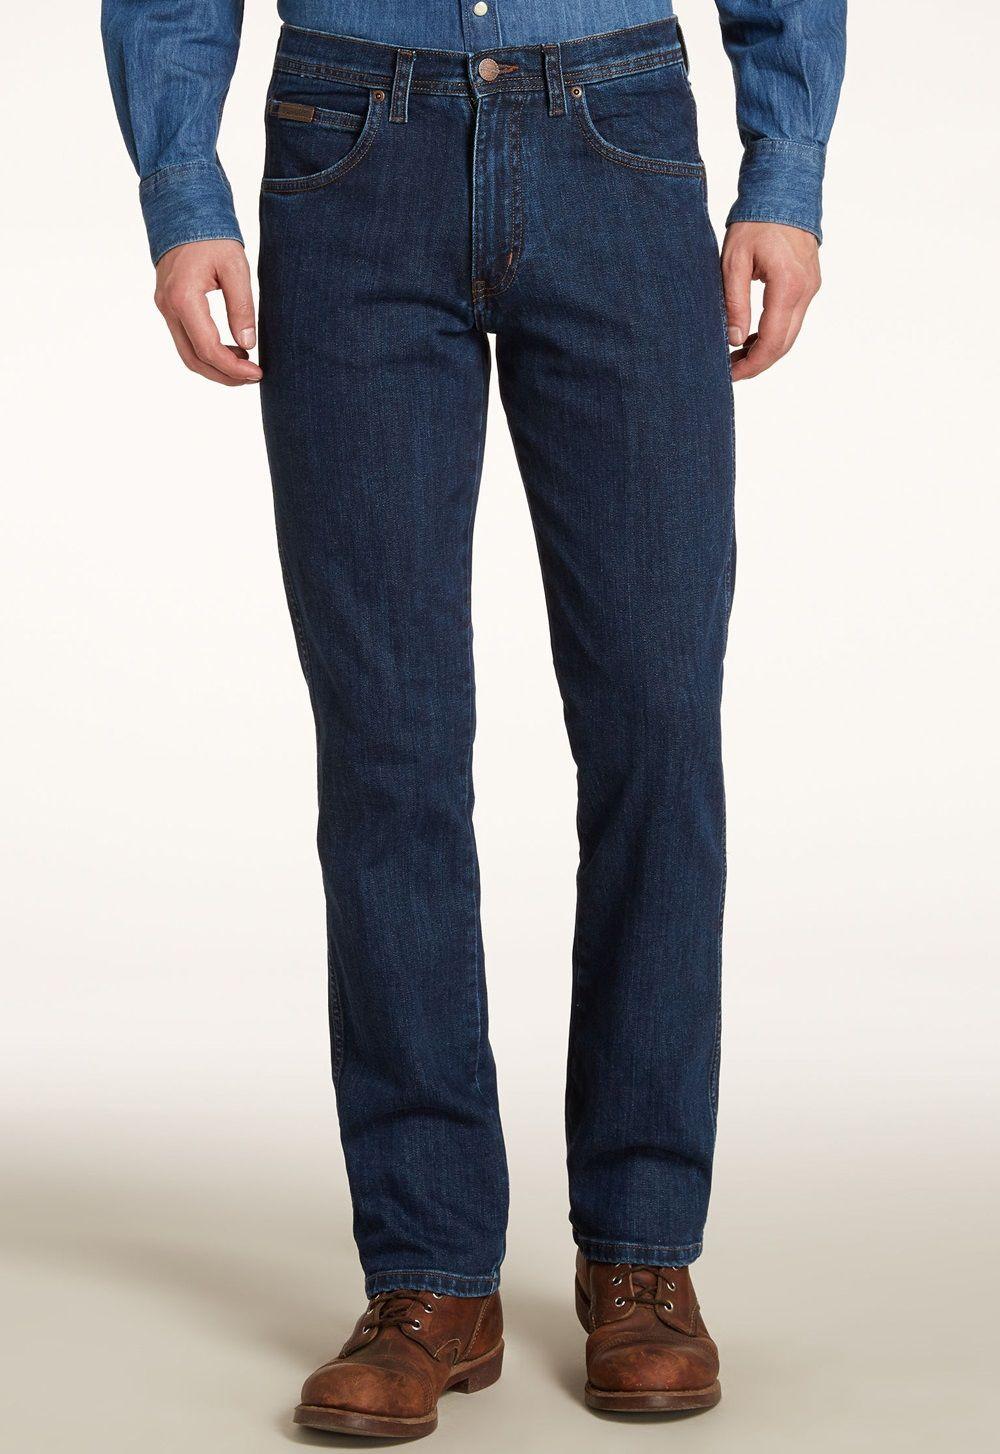 наше время длина мужских джинсов фото после